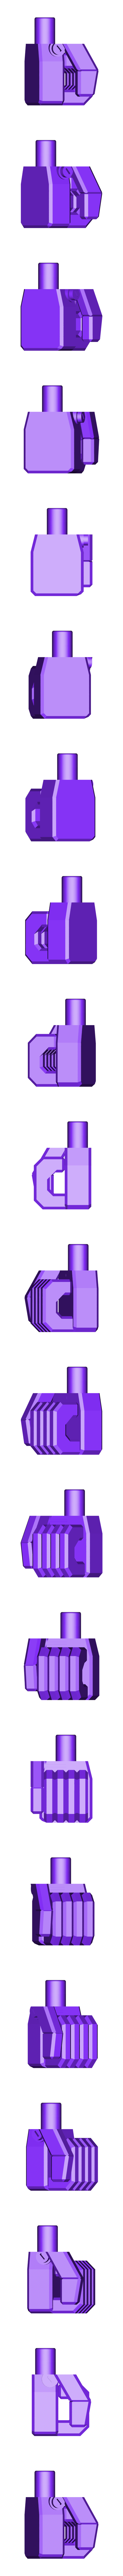 Hand-Right.stl Download free STL file Big Optimus Prime! - Multi Material Model • 3D printer model, ChaosCoreTech